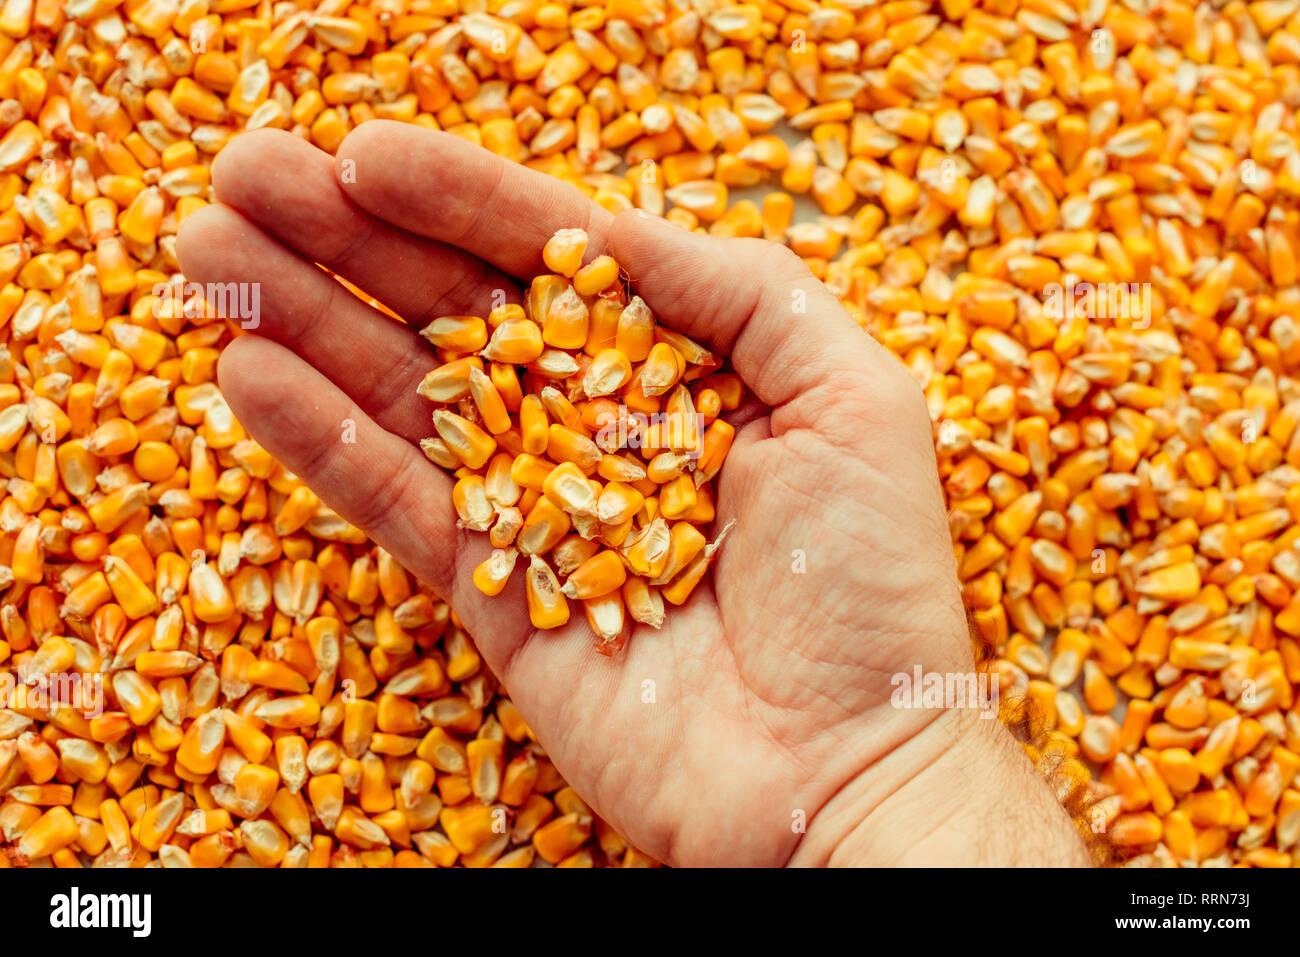 Agricultor puñado de granos de maíz cosechado, el concepto de la abundancia y alto rendimiento después de exitosa cosecha Imagen De Stock